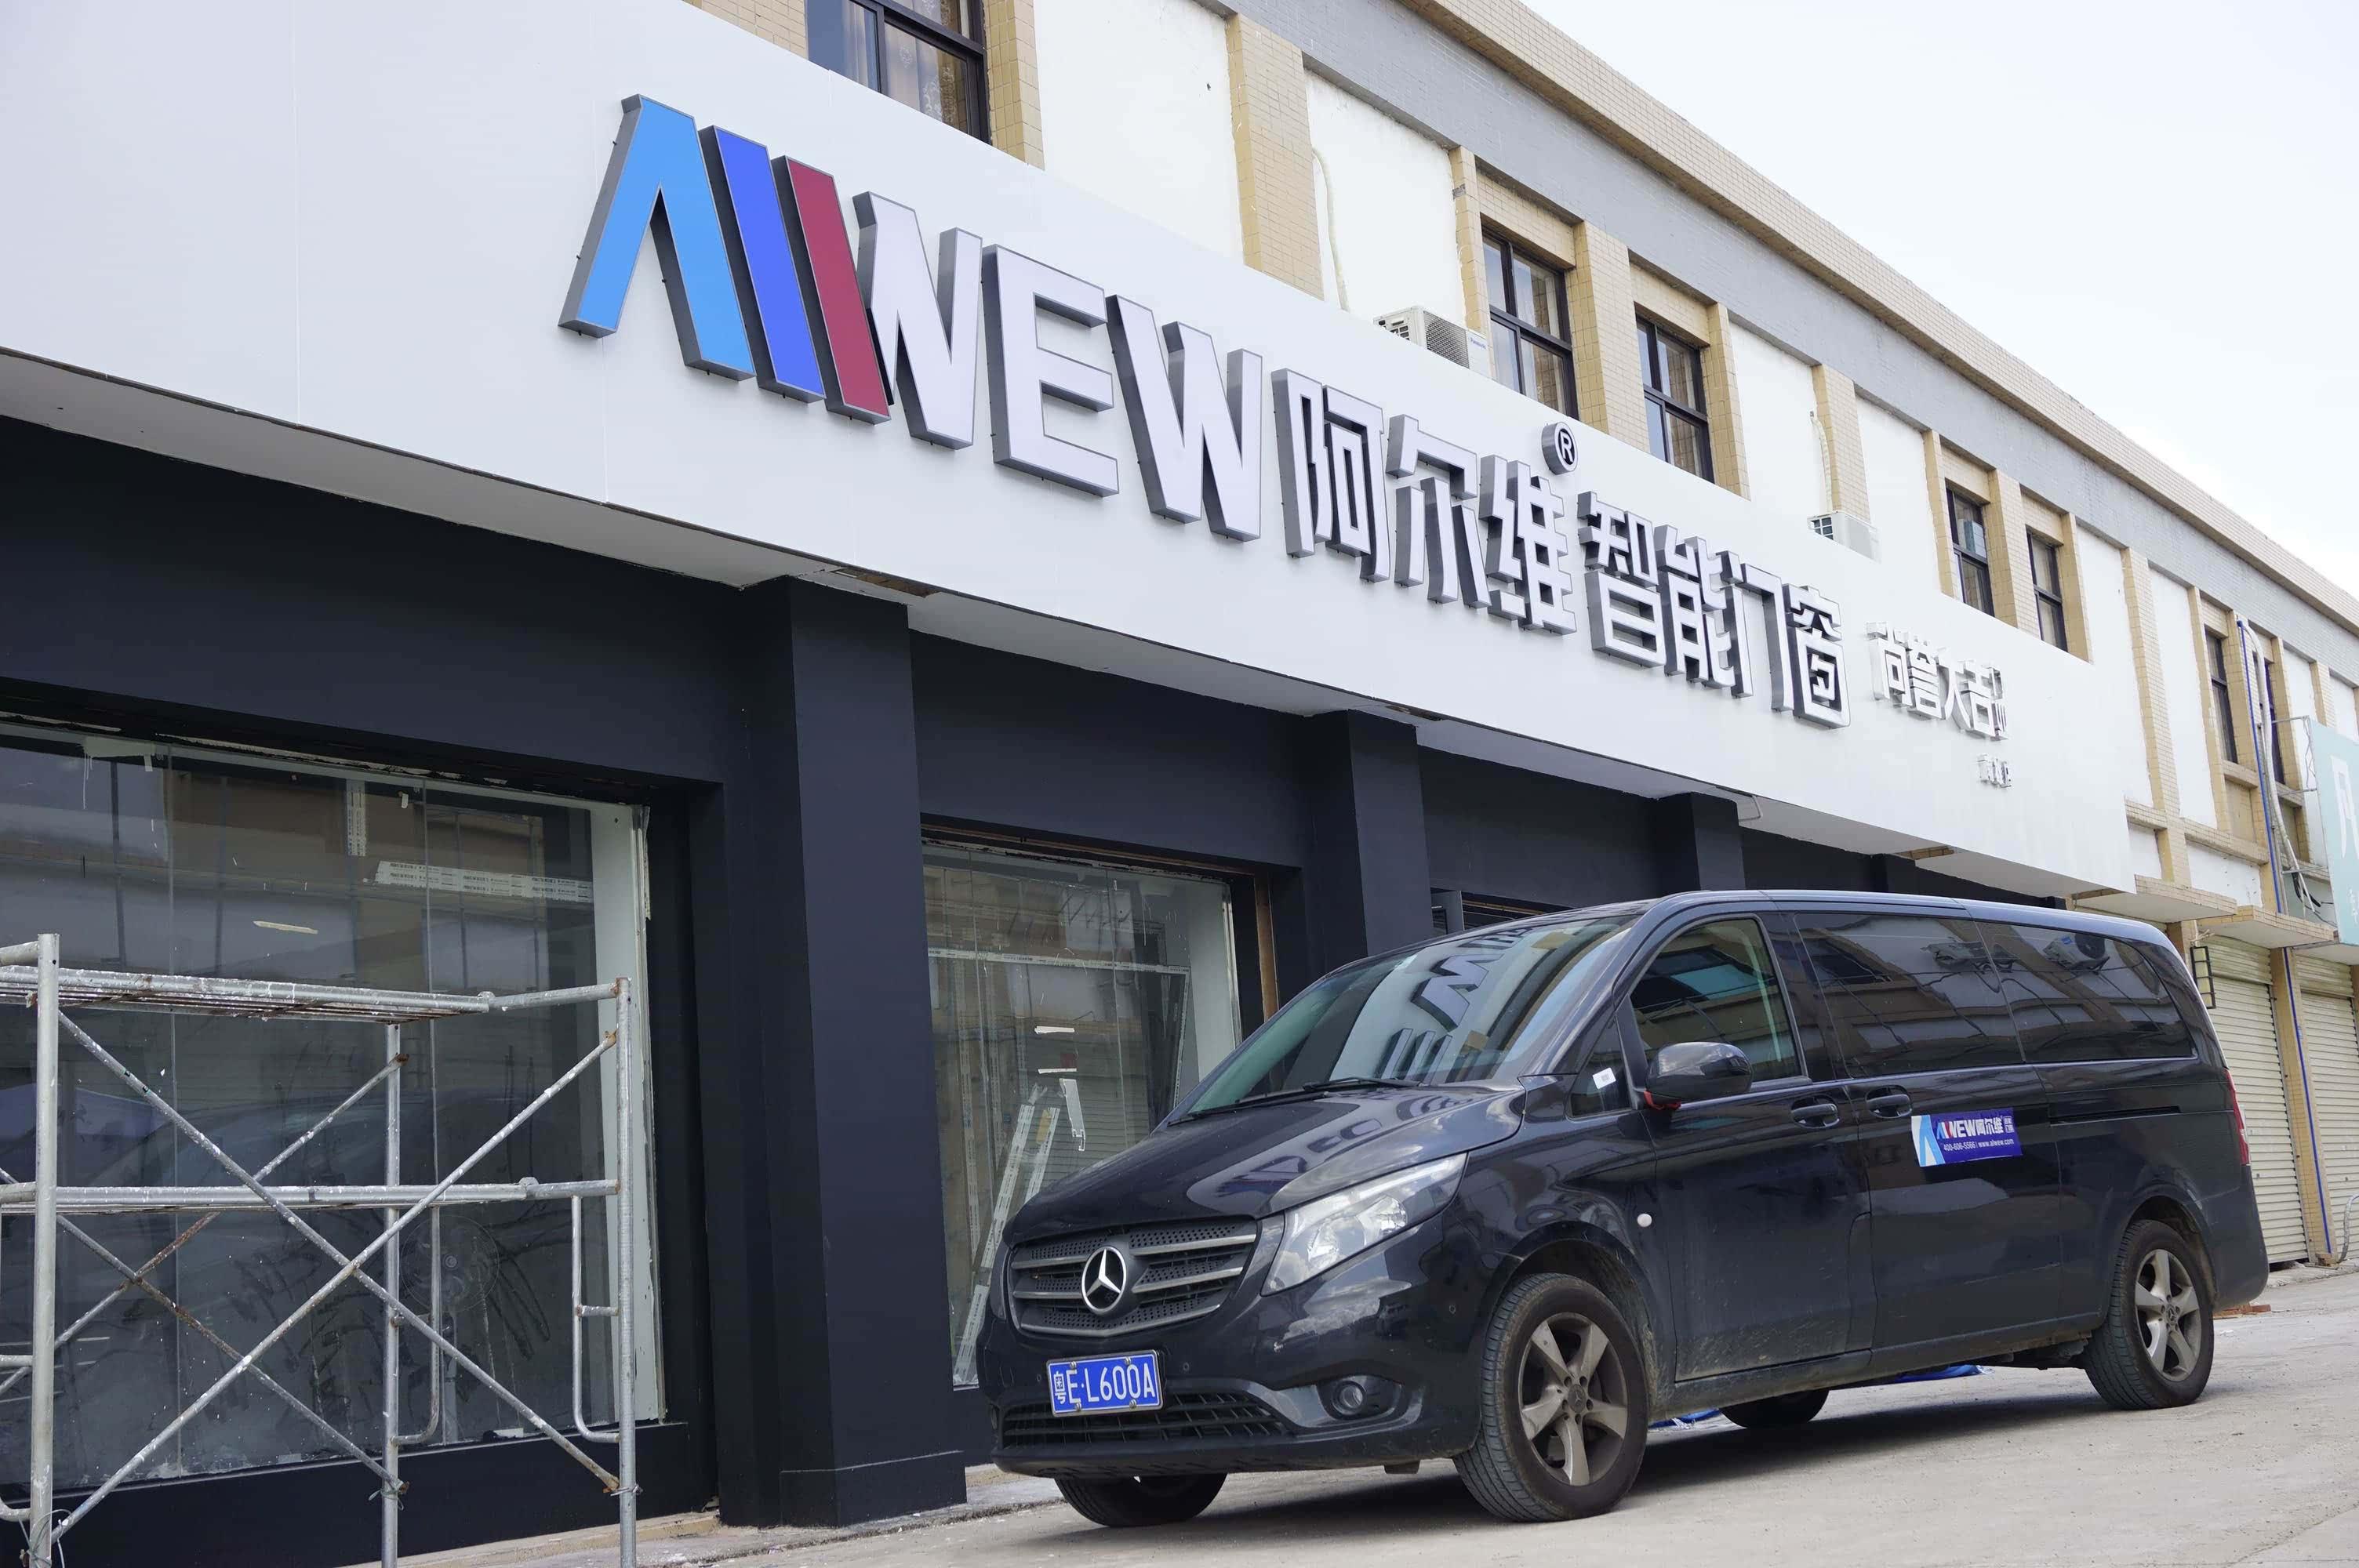 阿尔维门窗品牌,主动营销 破局终端 帮扶在路上!